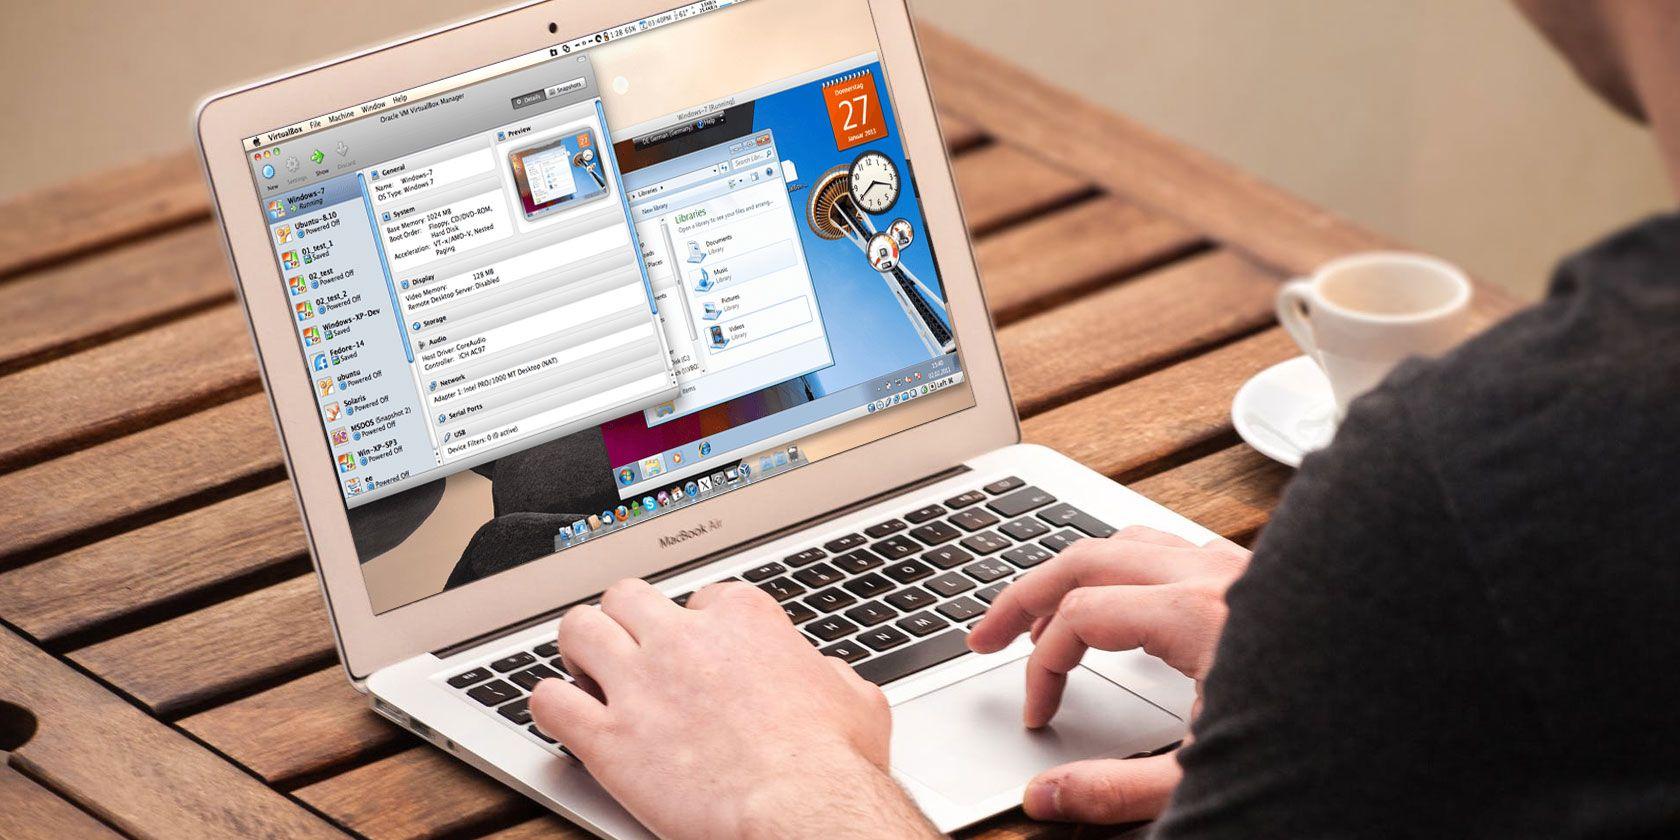 Best Laptop for Vm Host